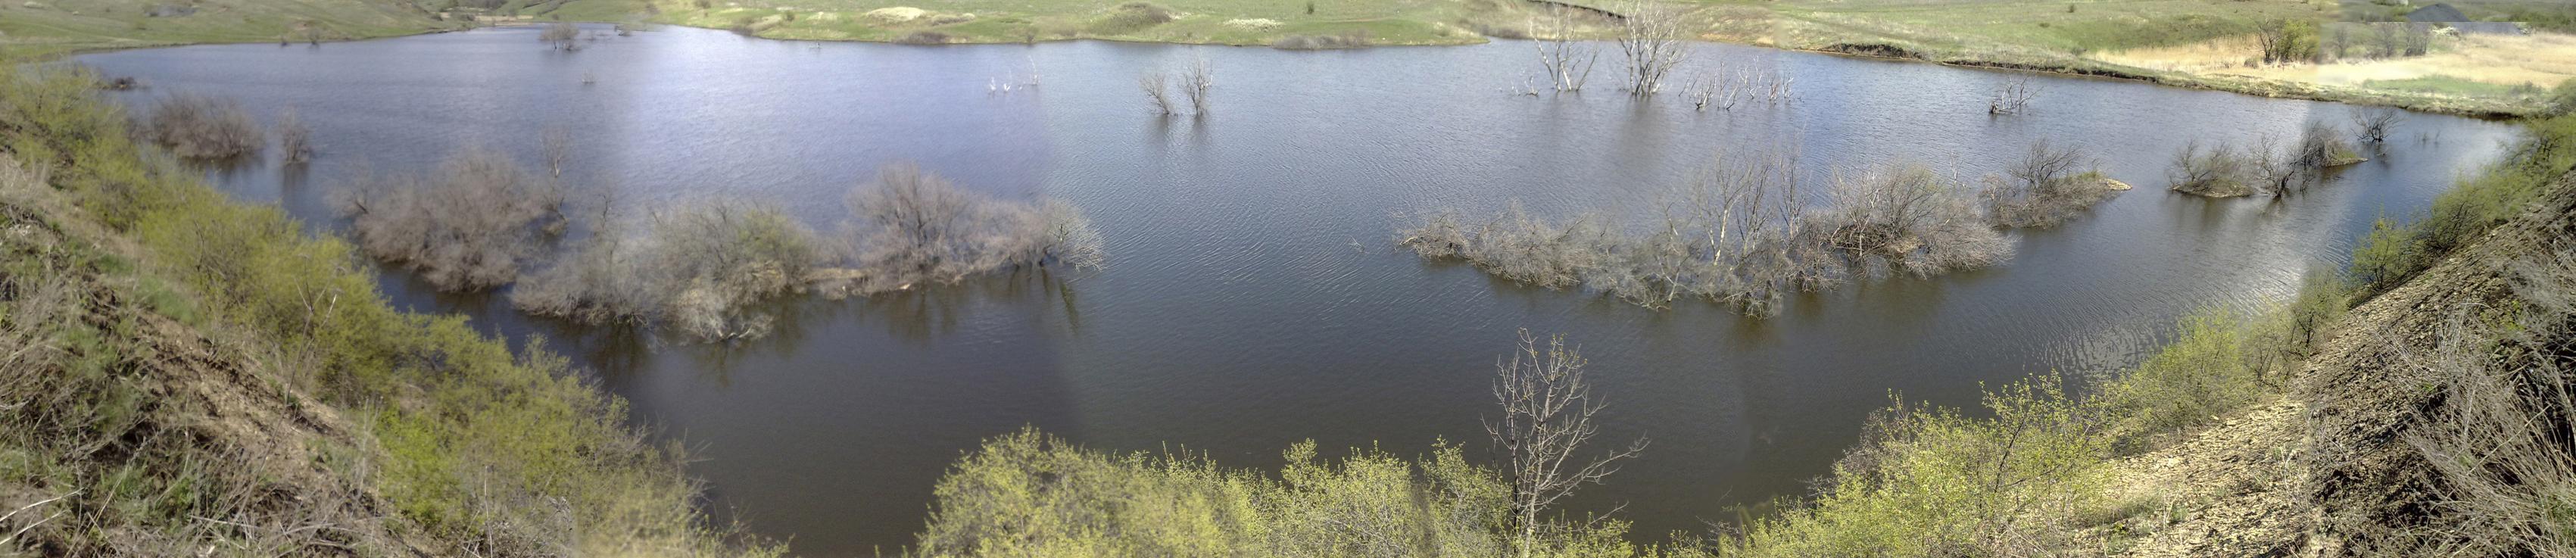 Панорама водоема